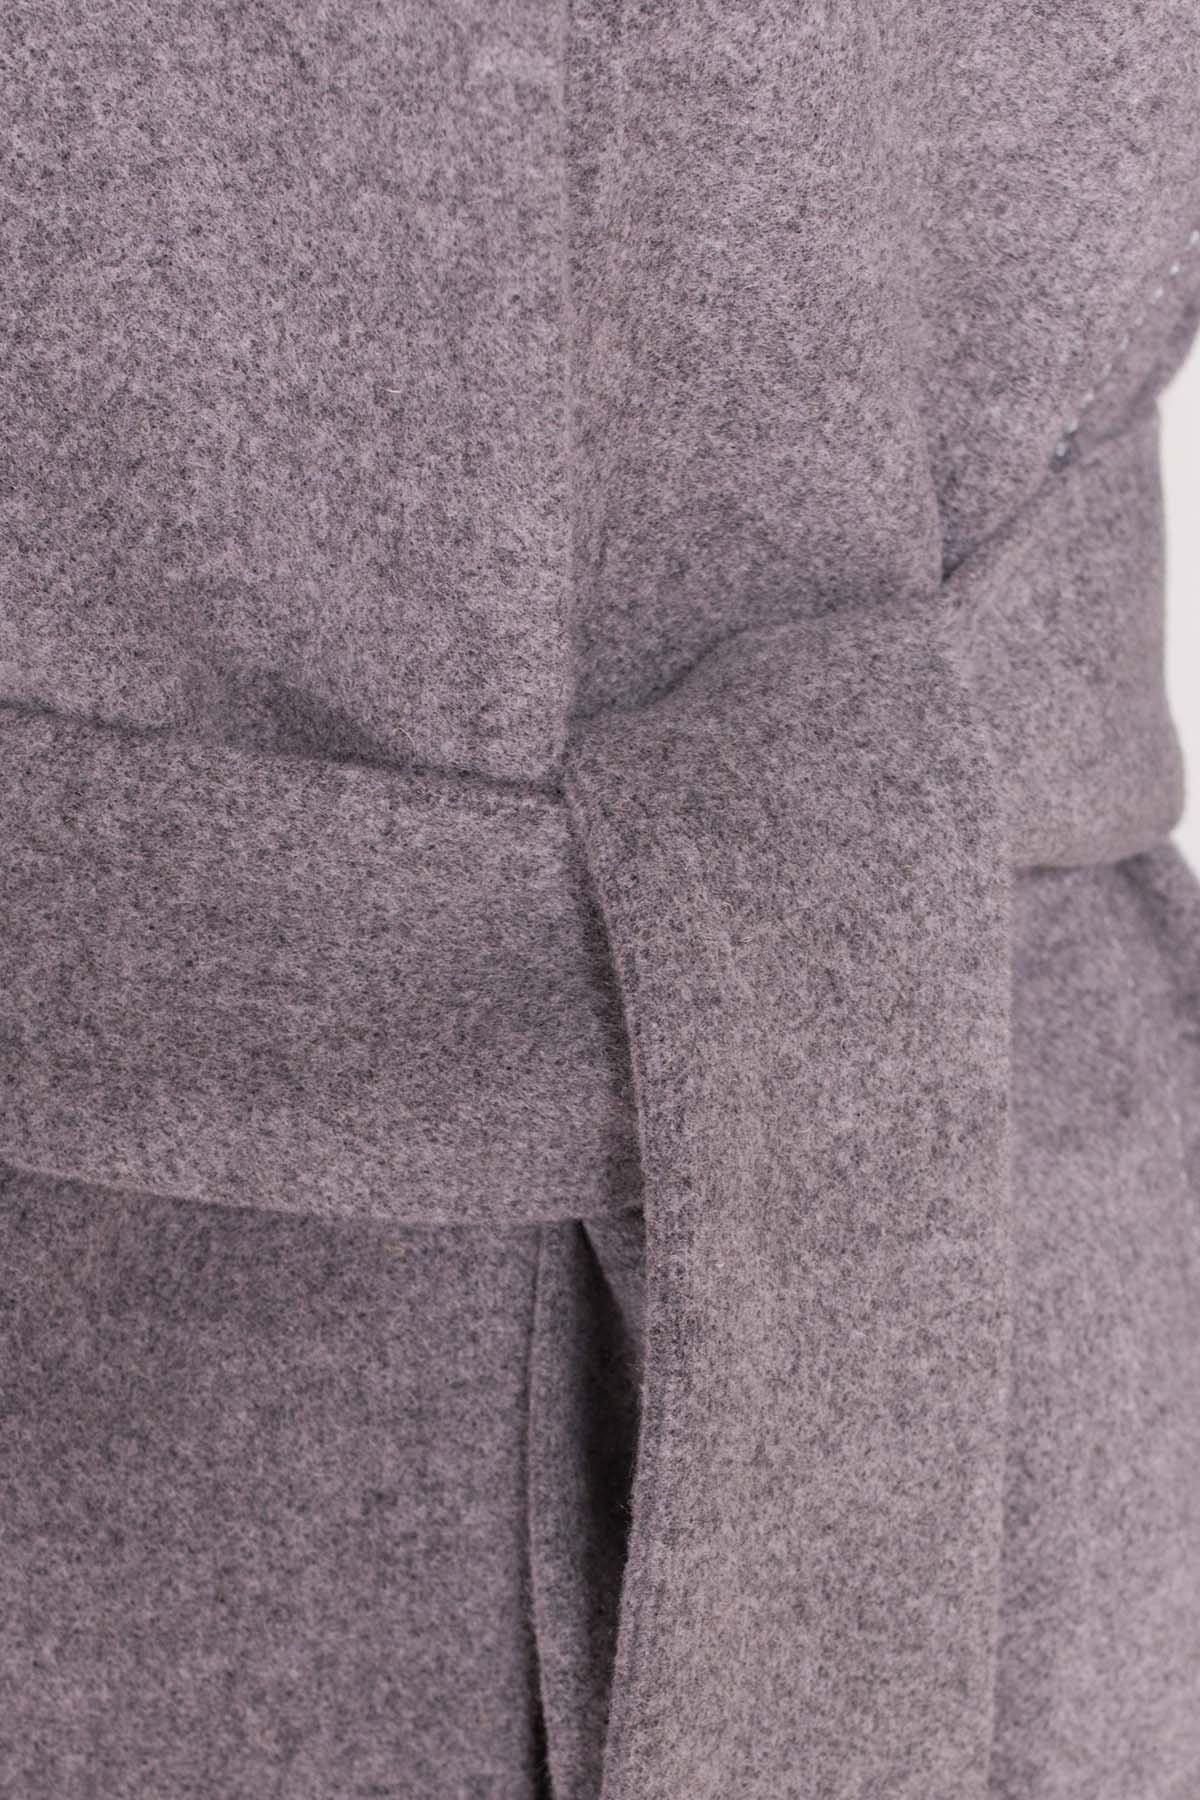 Пальто Кейси 5504 АРТ. 37030 Цвет: Серый 18 - фото 6, интернет магазин tm-modus.ru